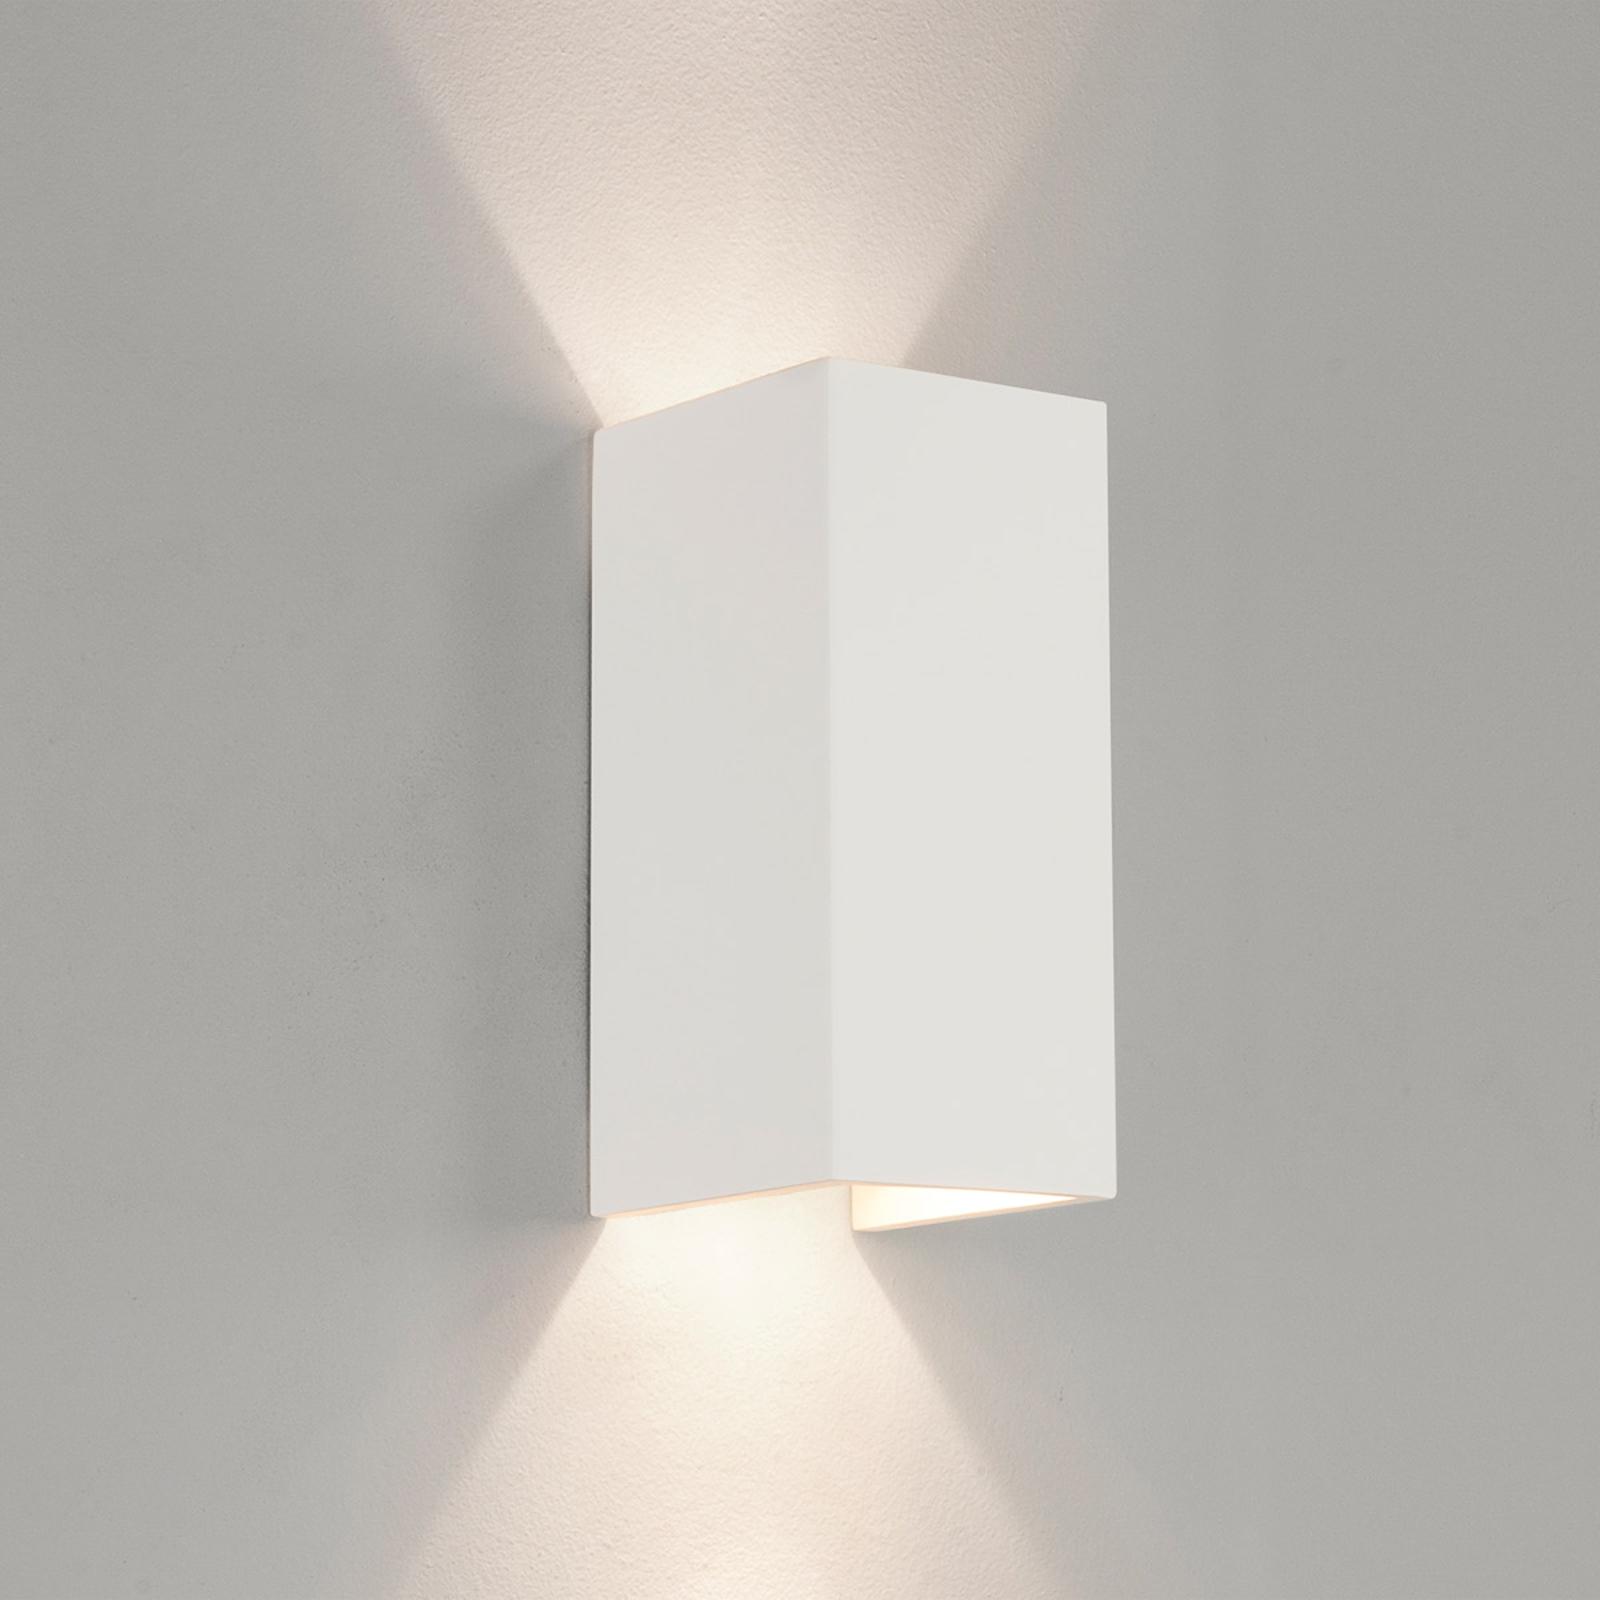 Astro Parma 210 vägglampa i vitt